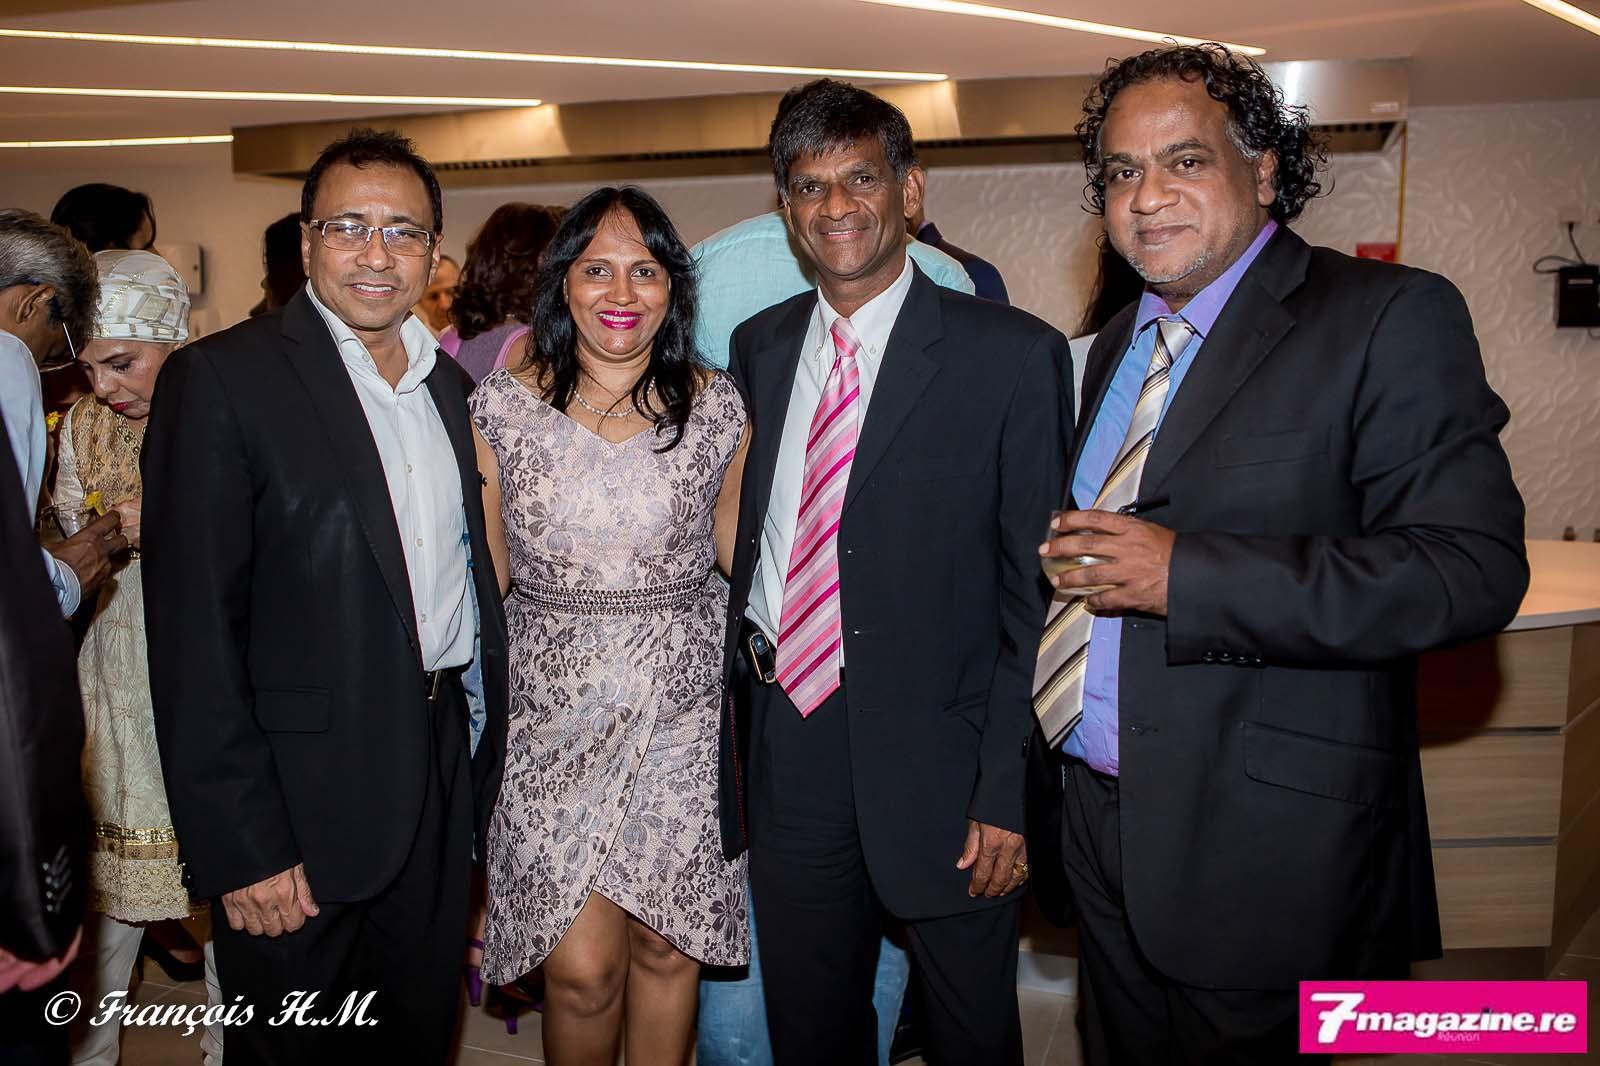 Ibrahim Patel et ses amis